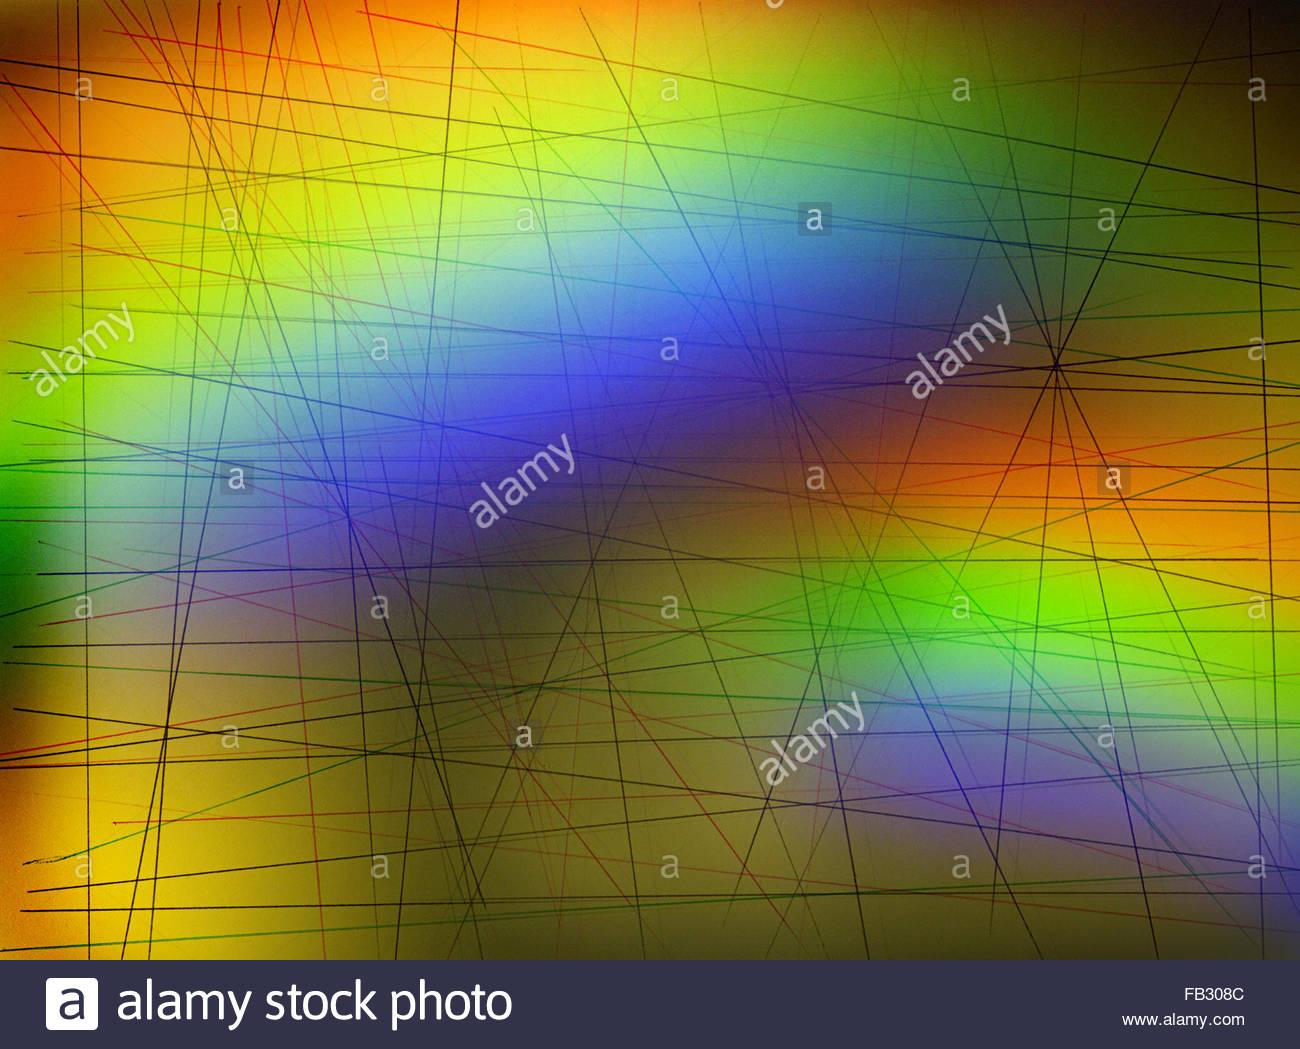 Resumen de líneas de intersección de la red en el fondo del arco iris Imagen De Stock